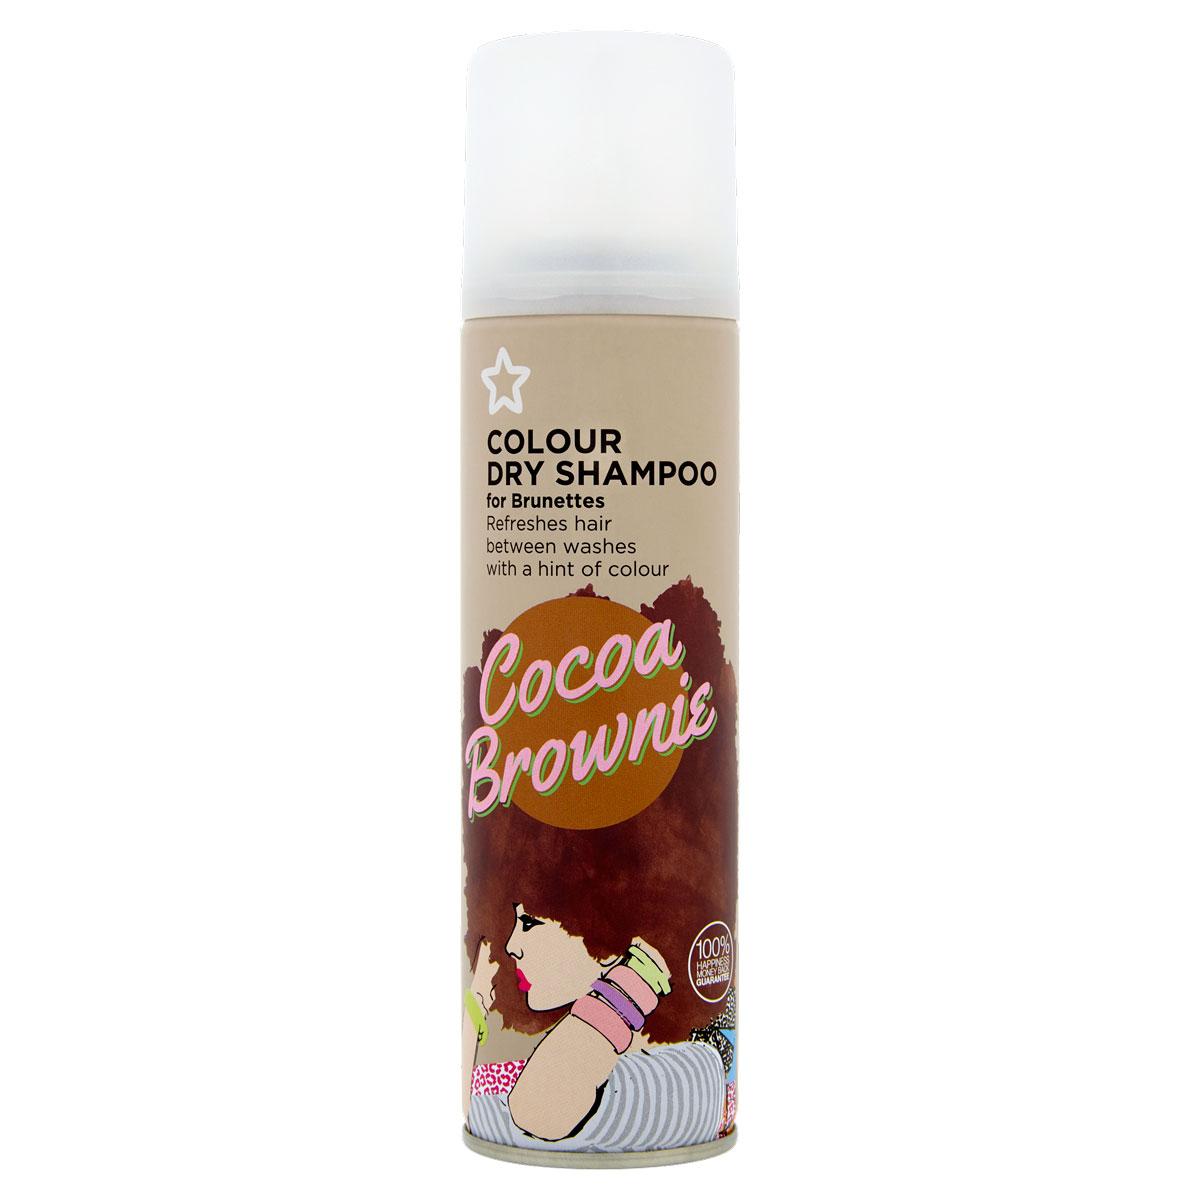 Ξηρό σαμπουάν από την εταιρεία Superdrug για καστανά μαλλιά